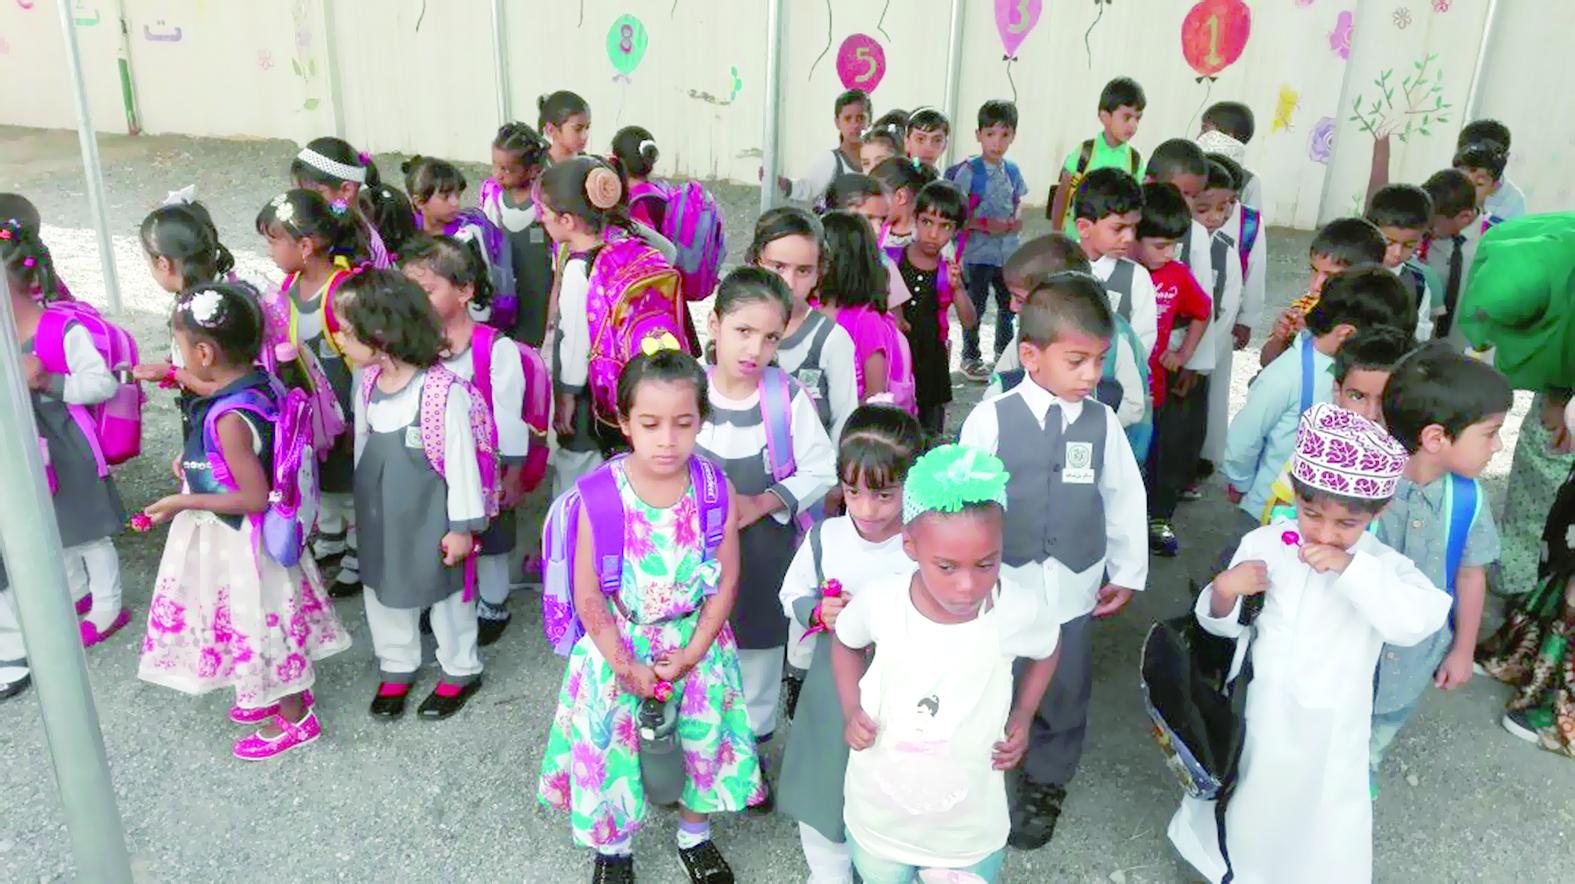 ركن الطفل بجمعية المرأة العمانية بالعوابي يستقبل 100 طفل وطفلة